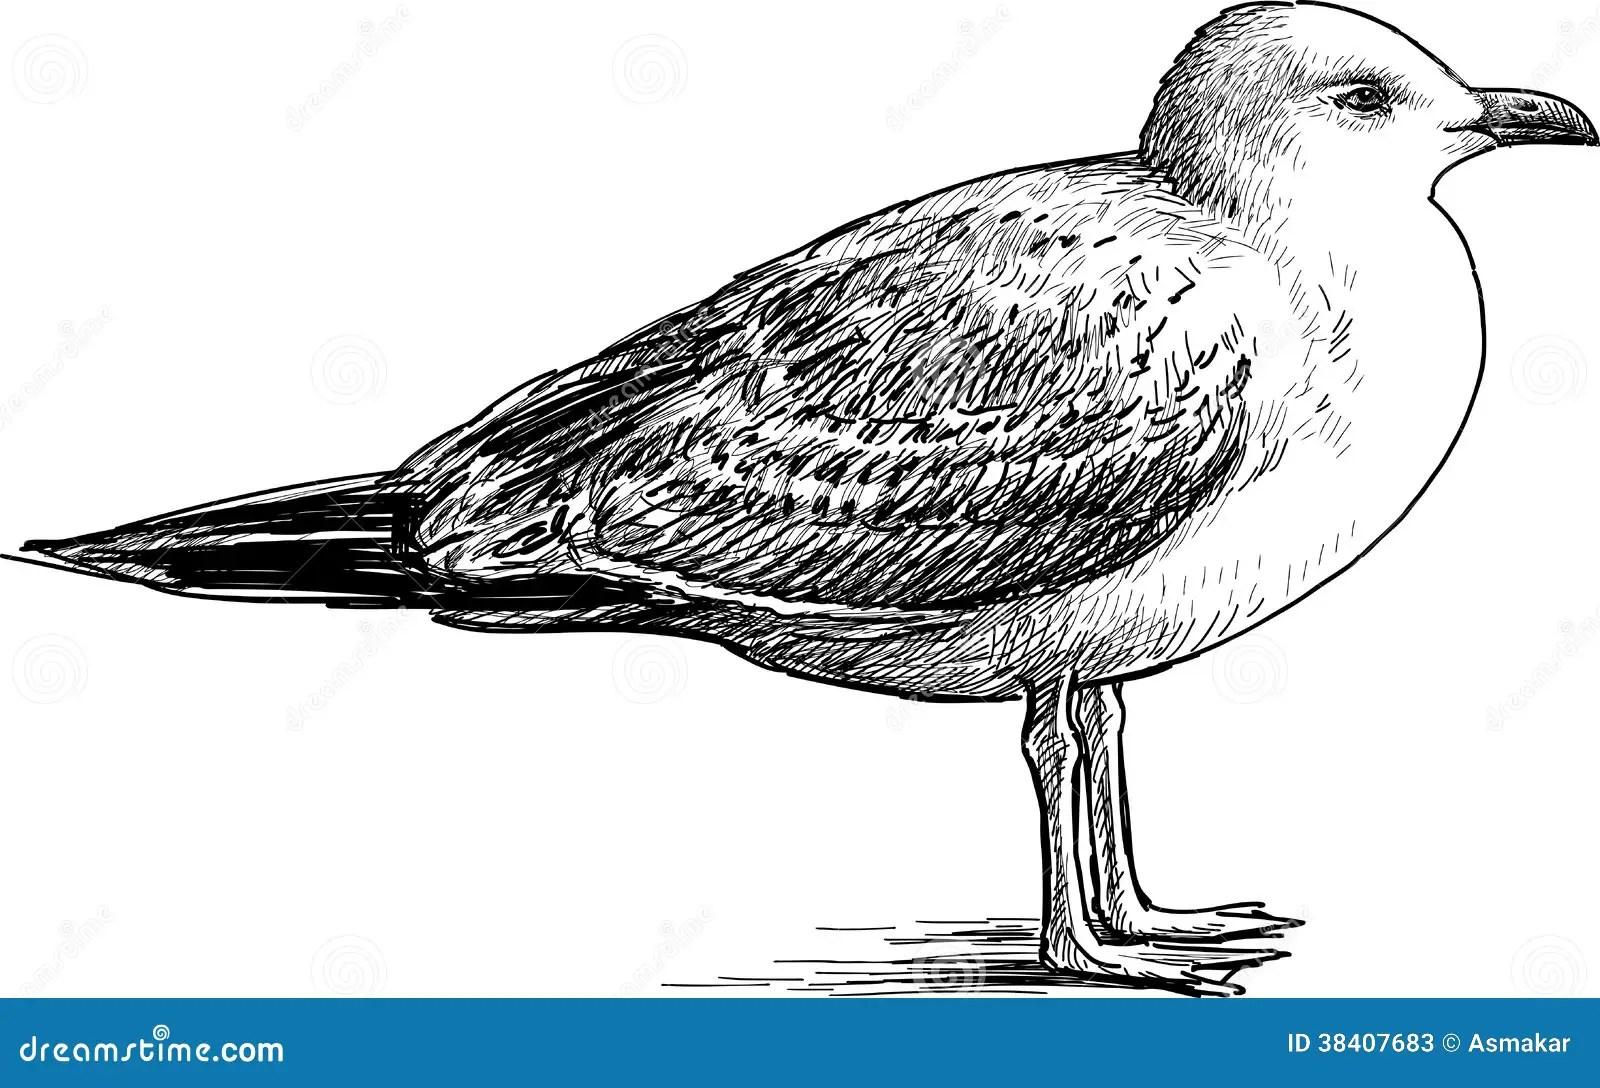 Big Seagull Stock Photos